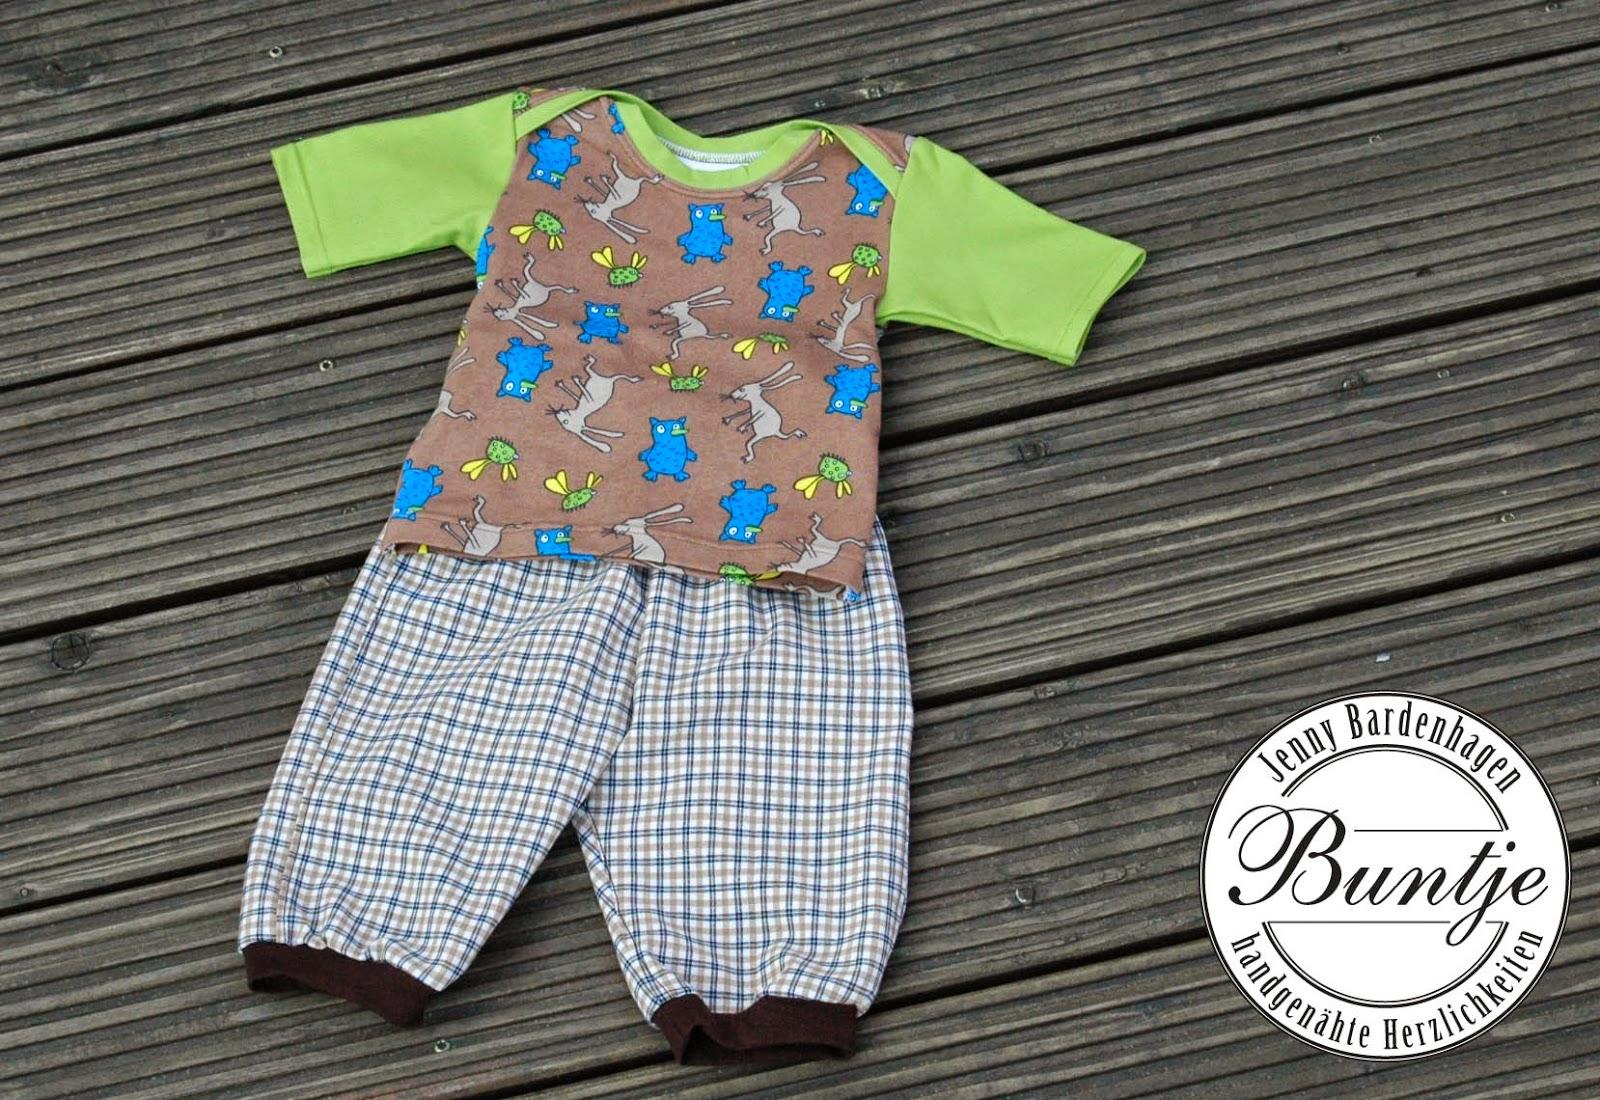 Farbenmix Zwergenverpackung 1 2 Shirt Hose Baby Junge Jersey amerikanischer Ausschnitt genäht handmade Buntje